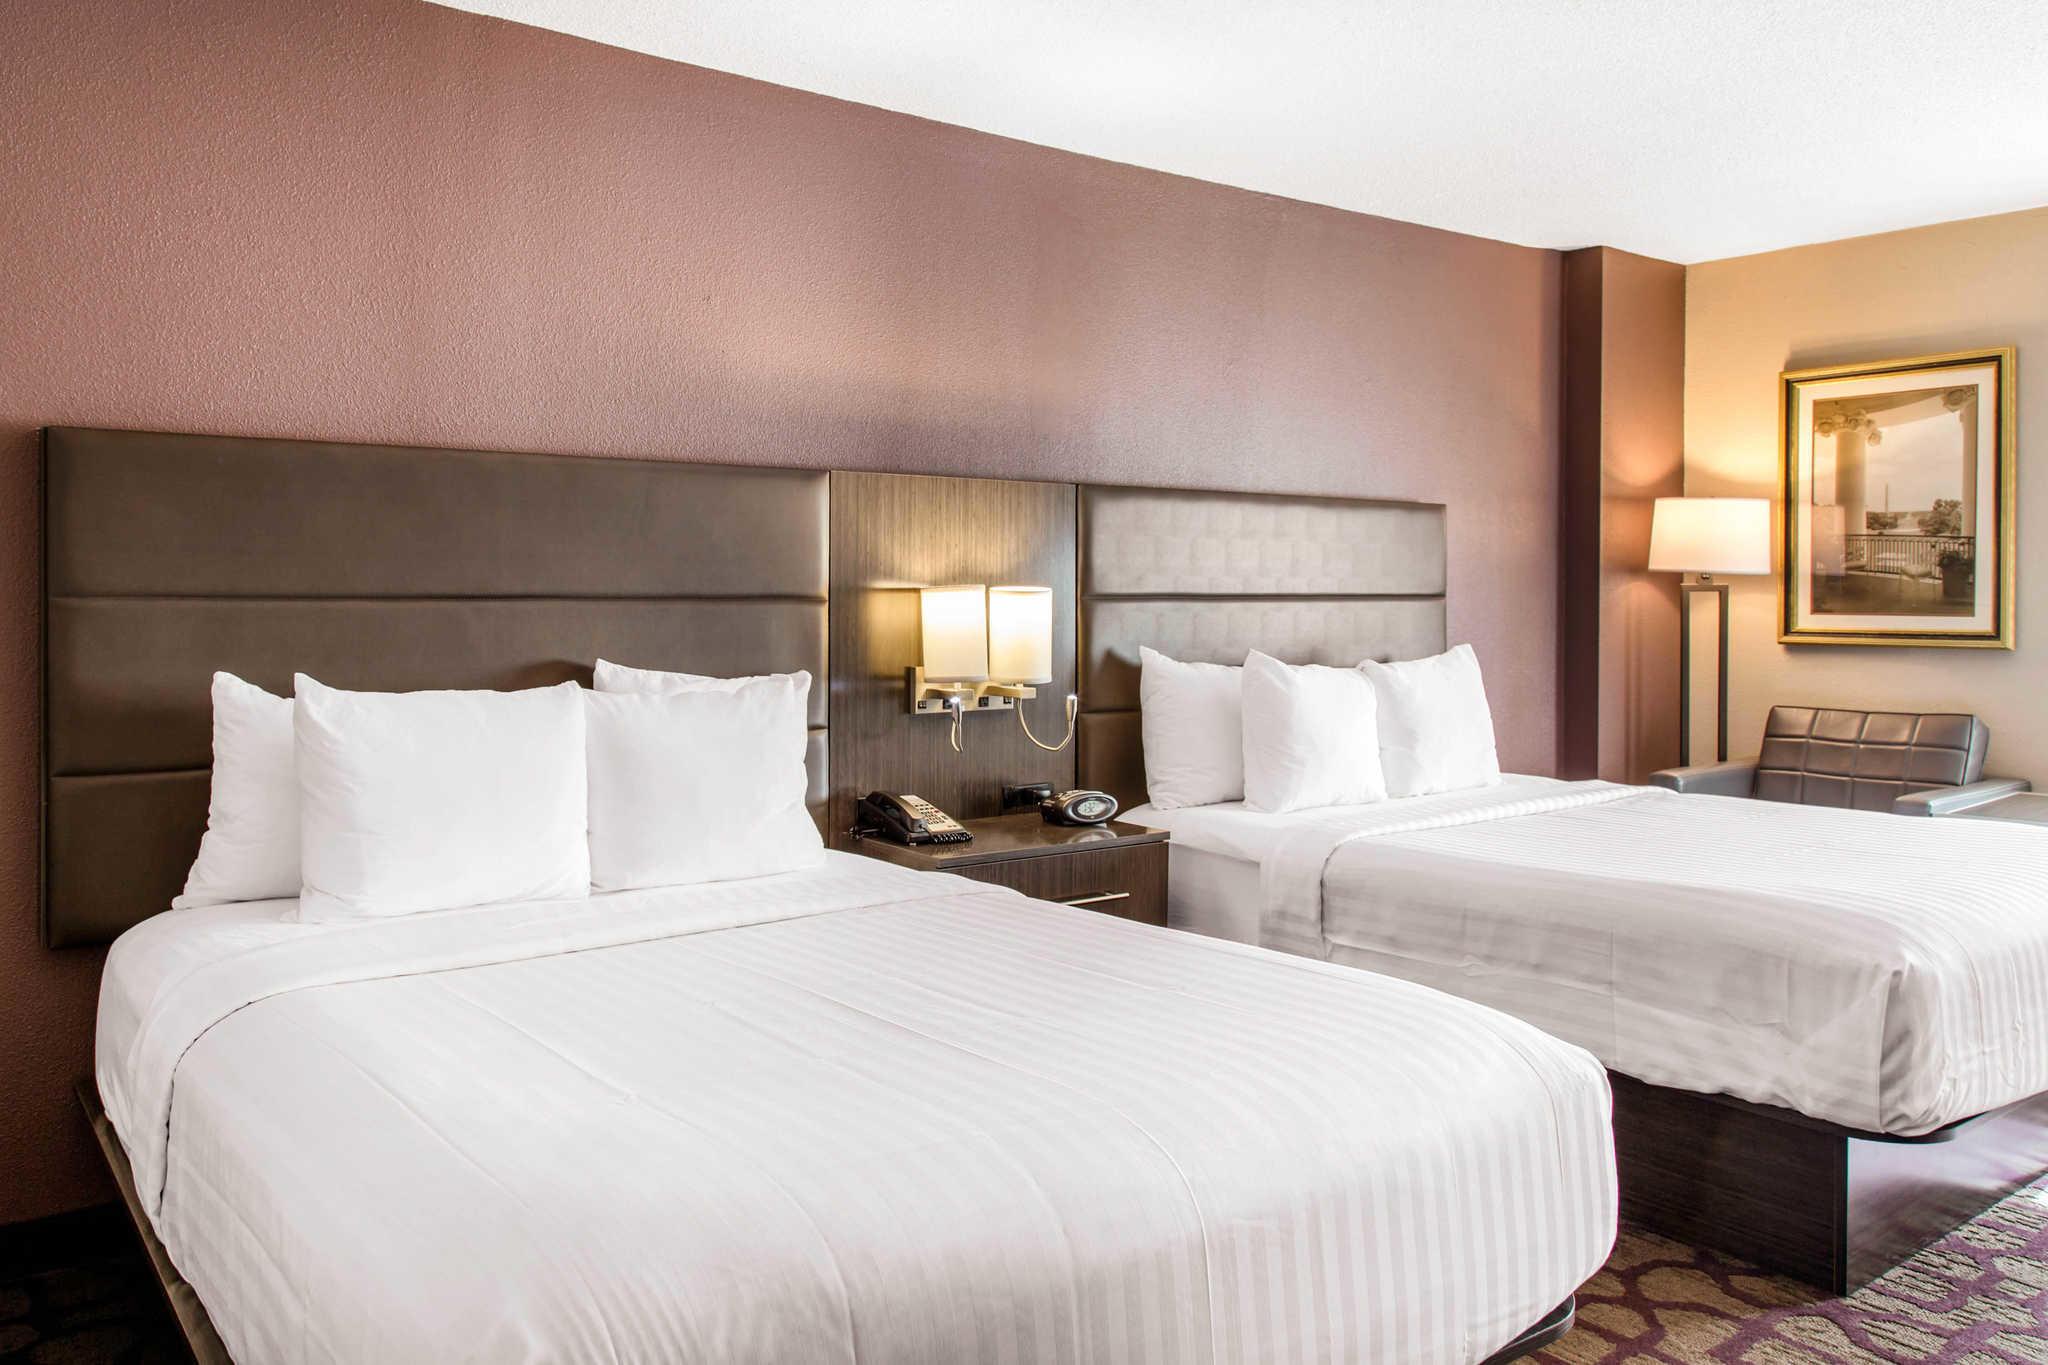 Comfort Inn image 16